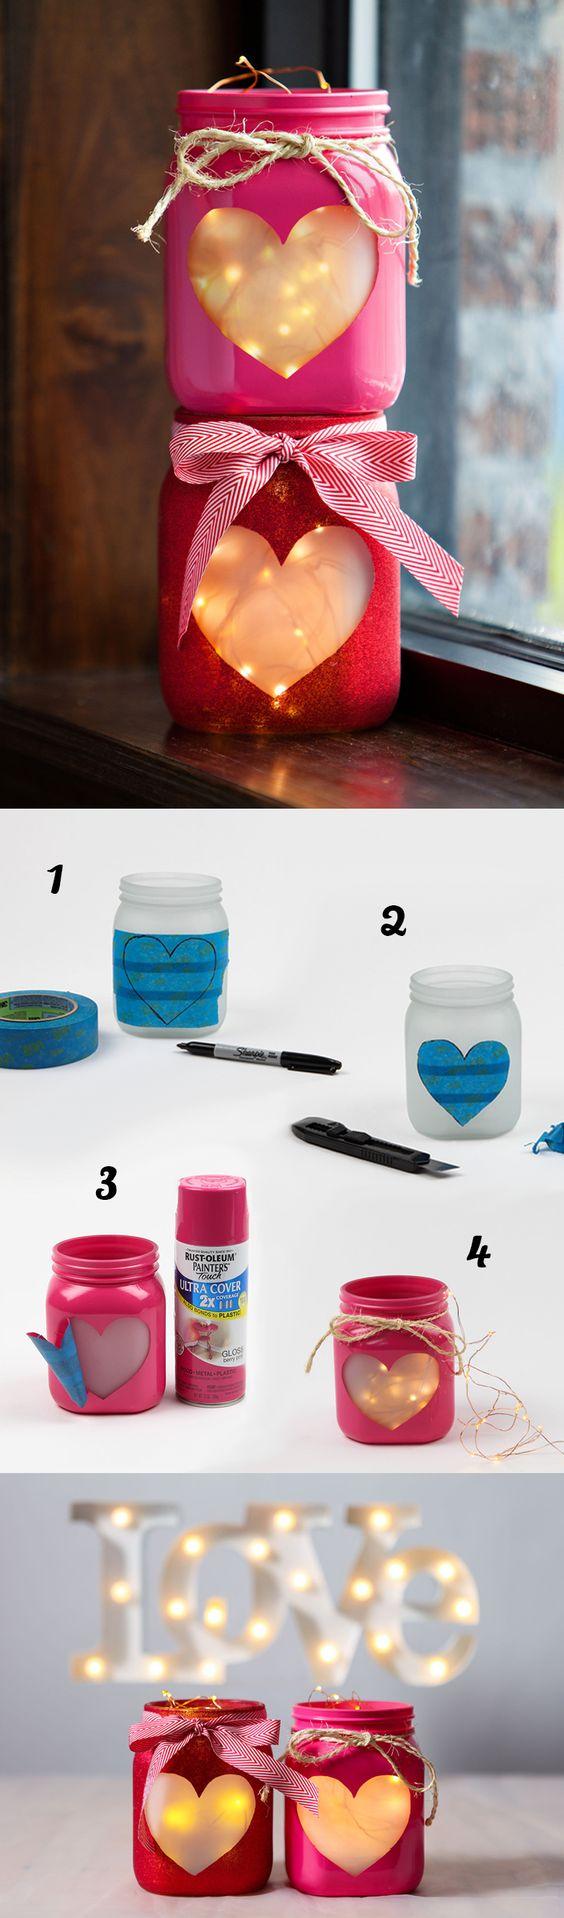 fabriquer un bougeoir en pot en verre, repeint en rose, motif fenêtre en forme de coeur, guirlande lumineuse dedans, luminaire, éclairage romantique, activité manuelle adulte